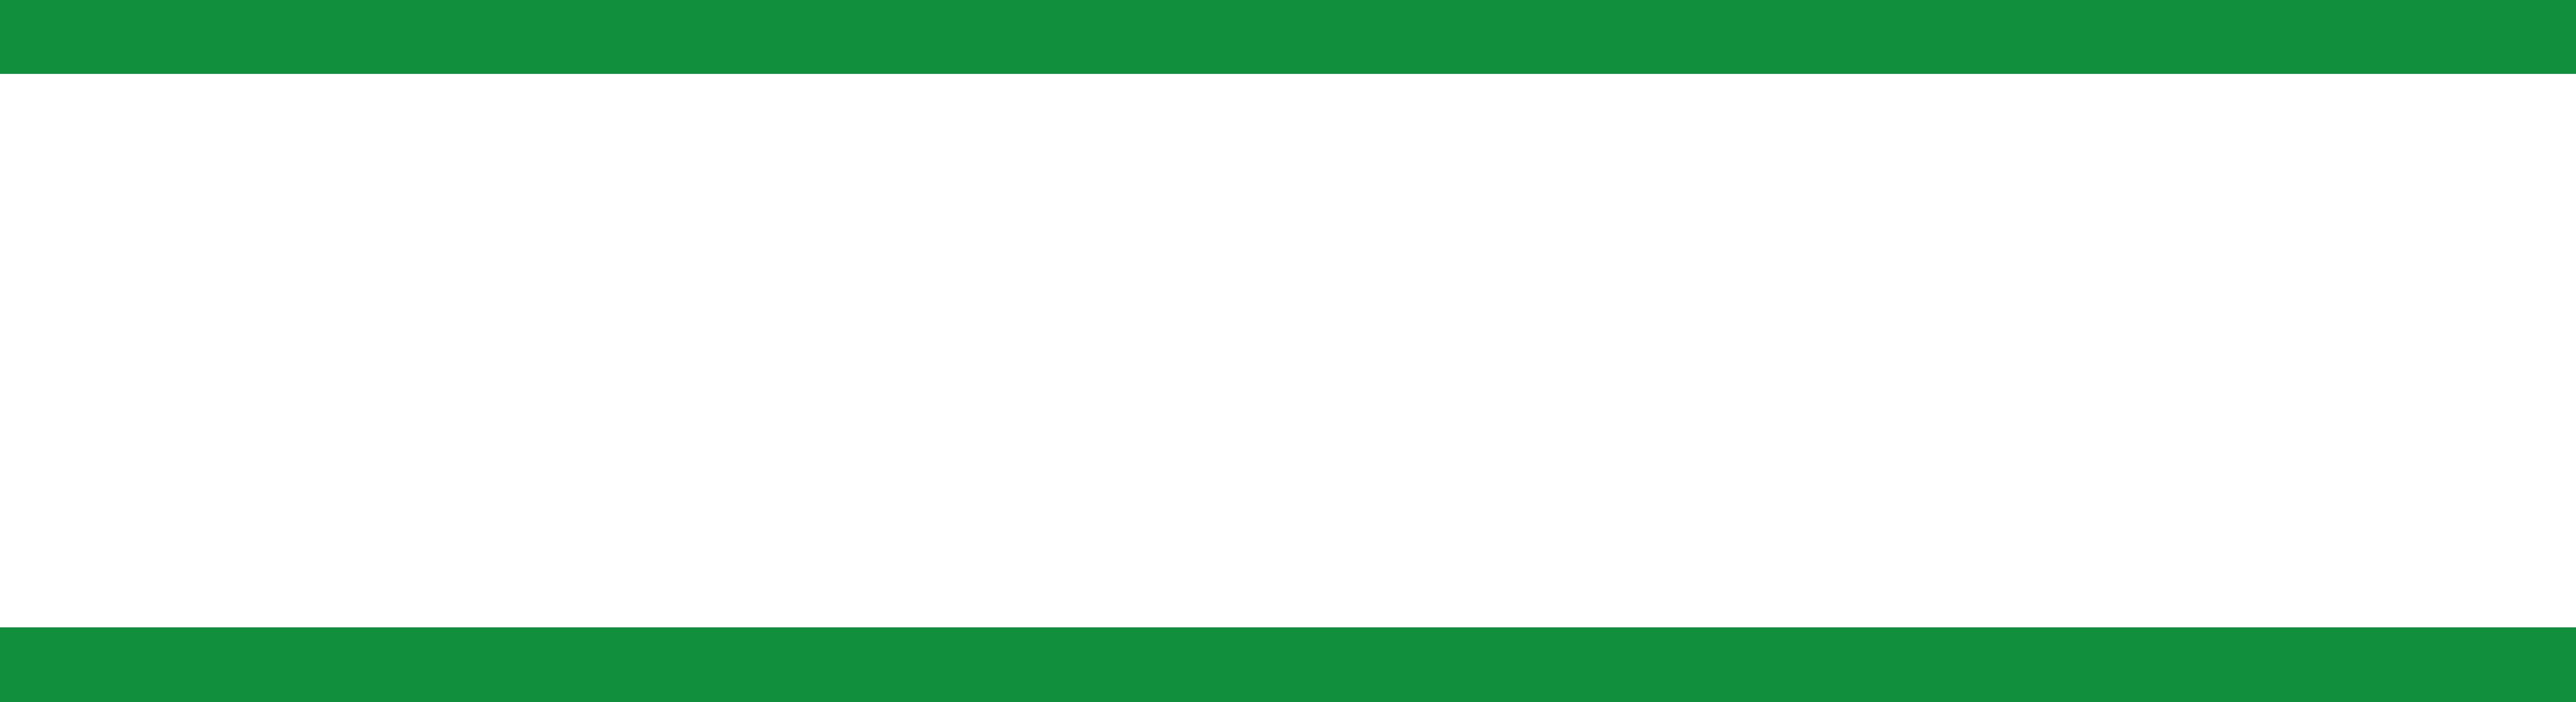 Naikoon_logo_web_white